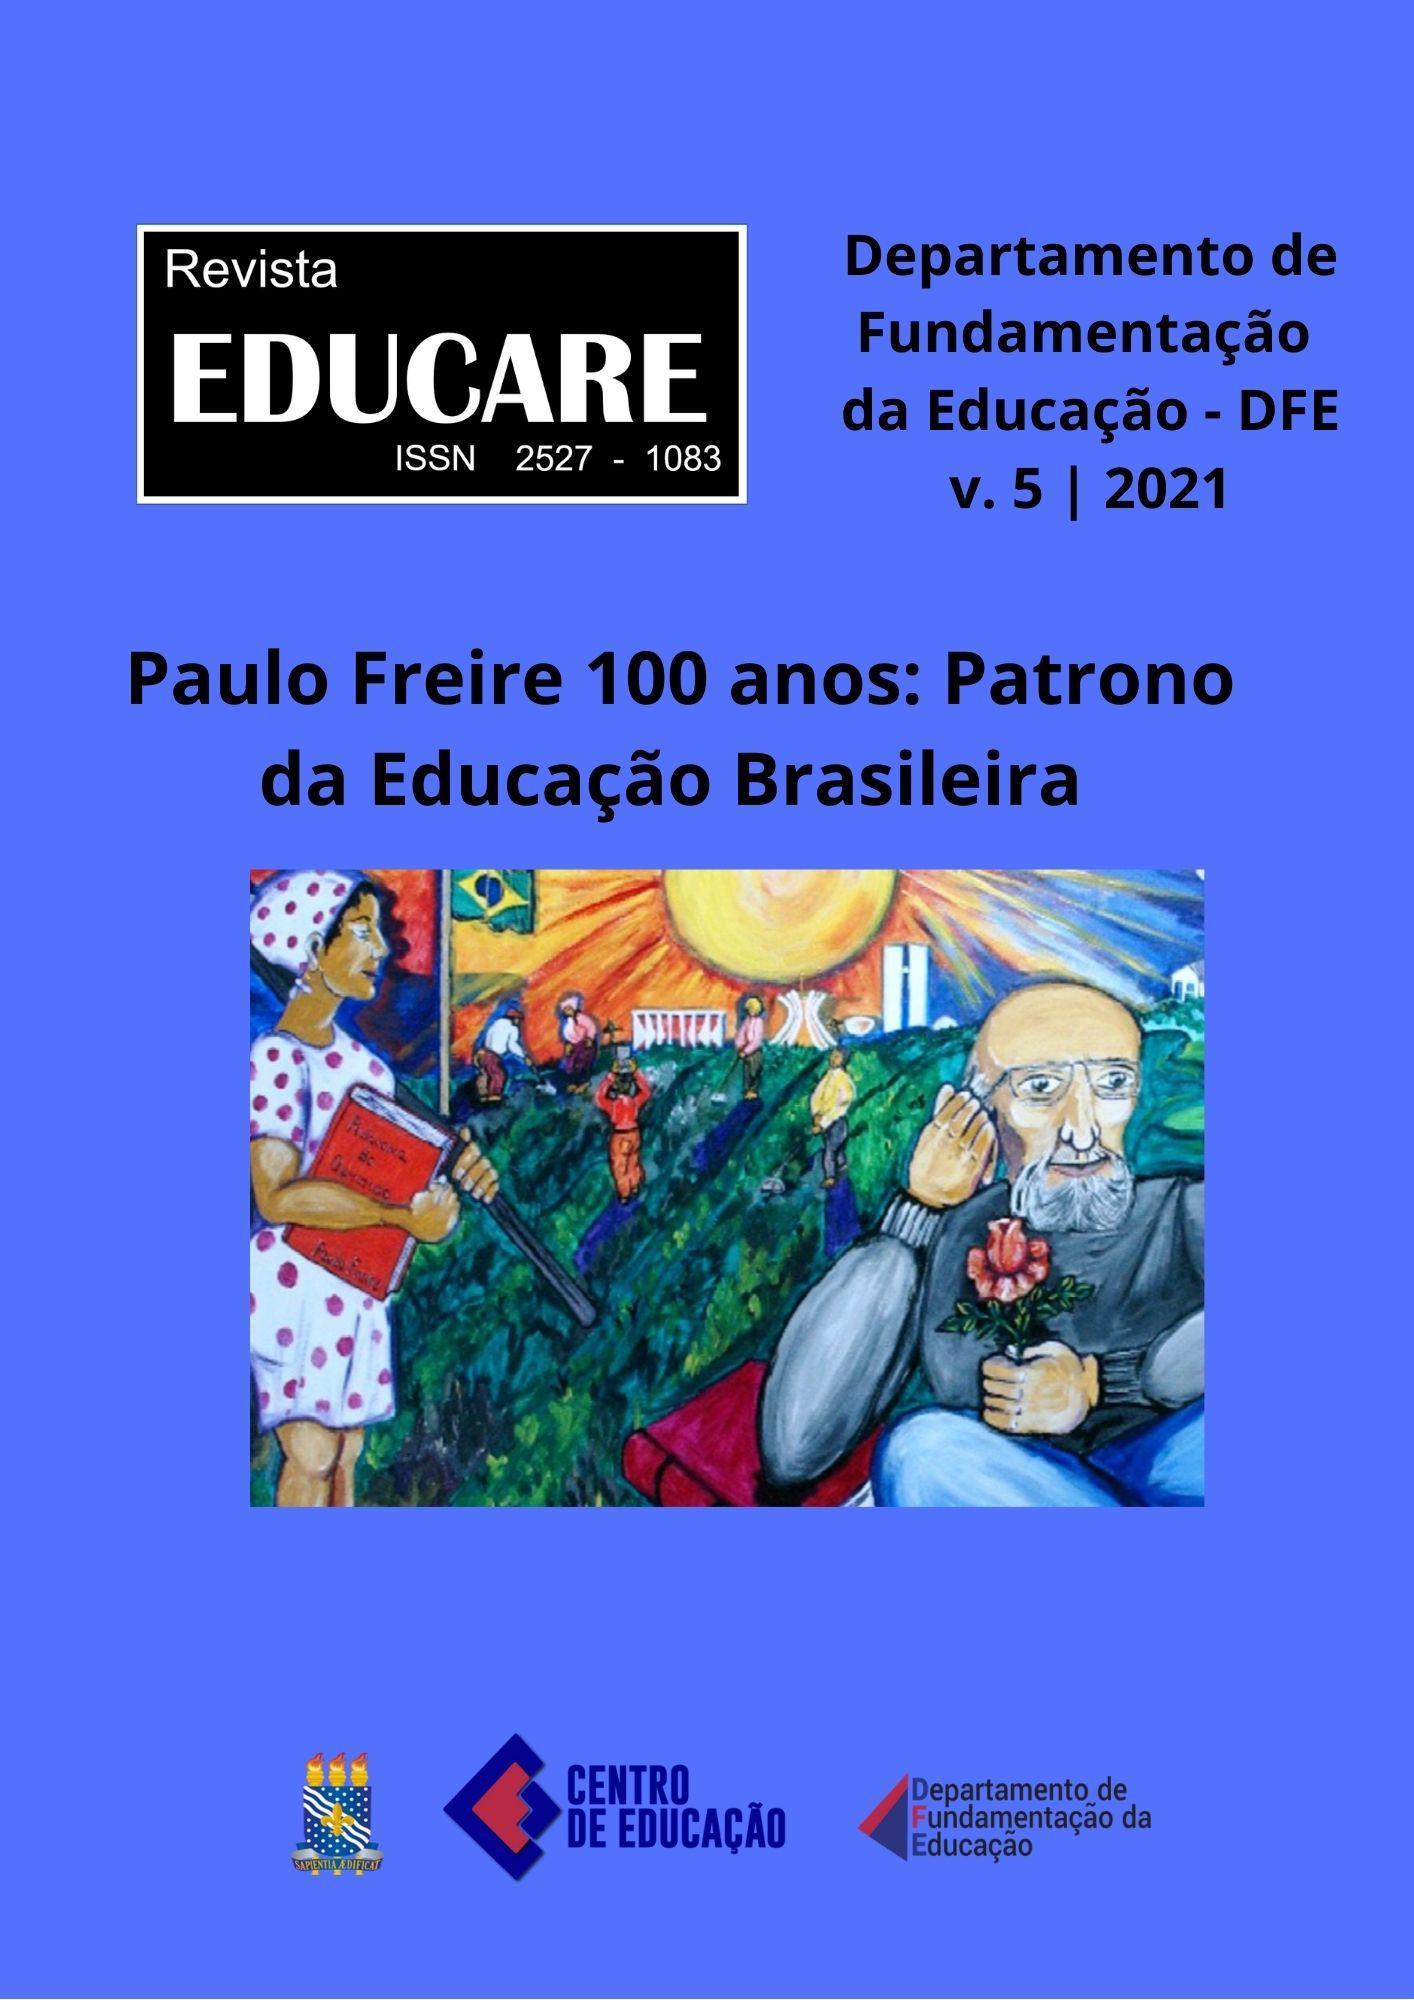 Visualizar PAULO FREIRE 100 ANOS: PATRONO DA EDUCAÇÃO BRASILEIRA -  v. 5 | Jan./Dez, 2021 | Publicação contínua